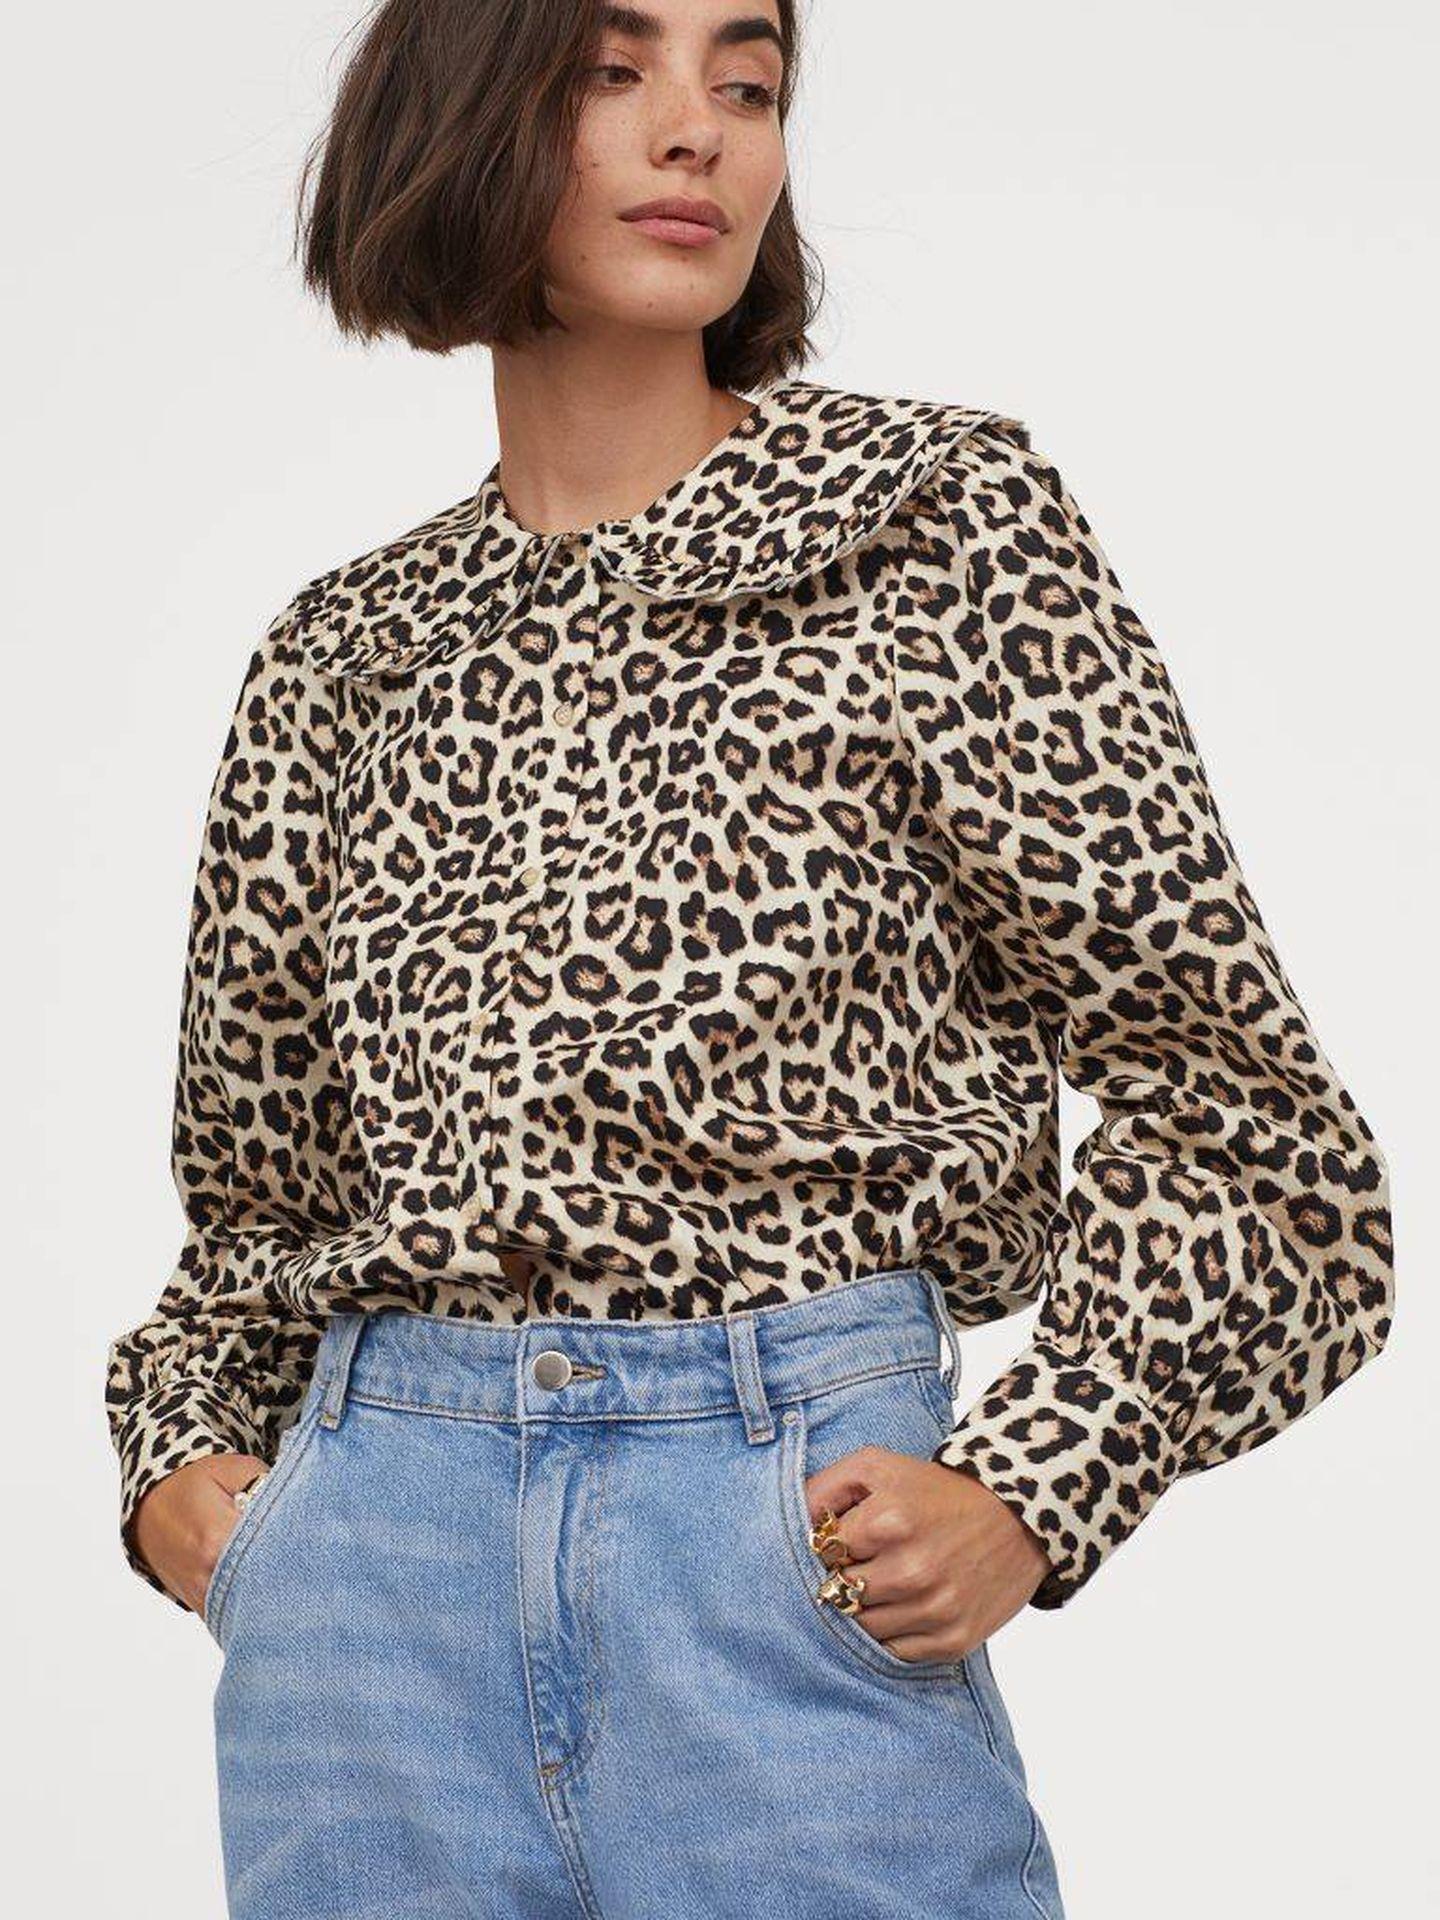 La camisa de HyM. (Cortesía)